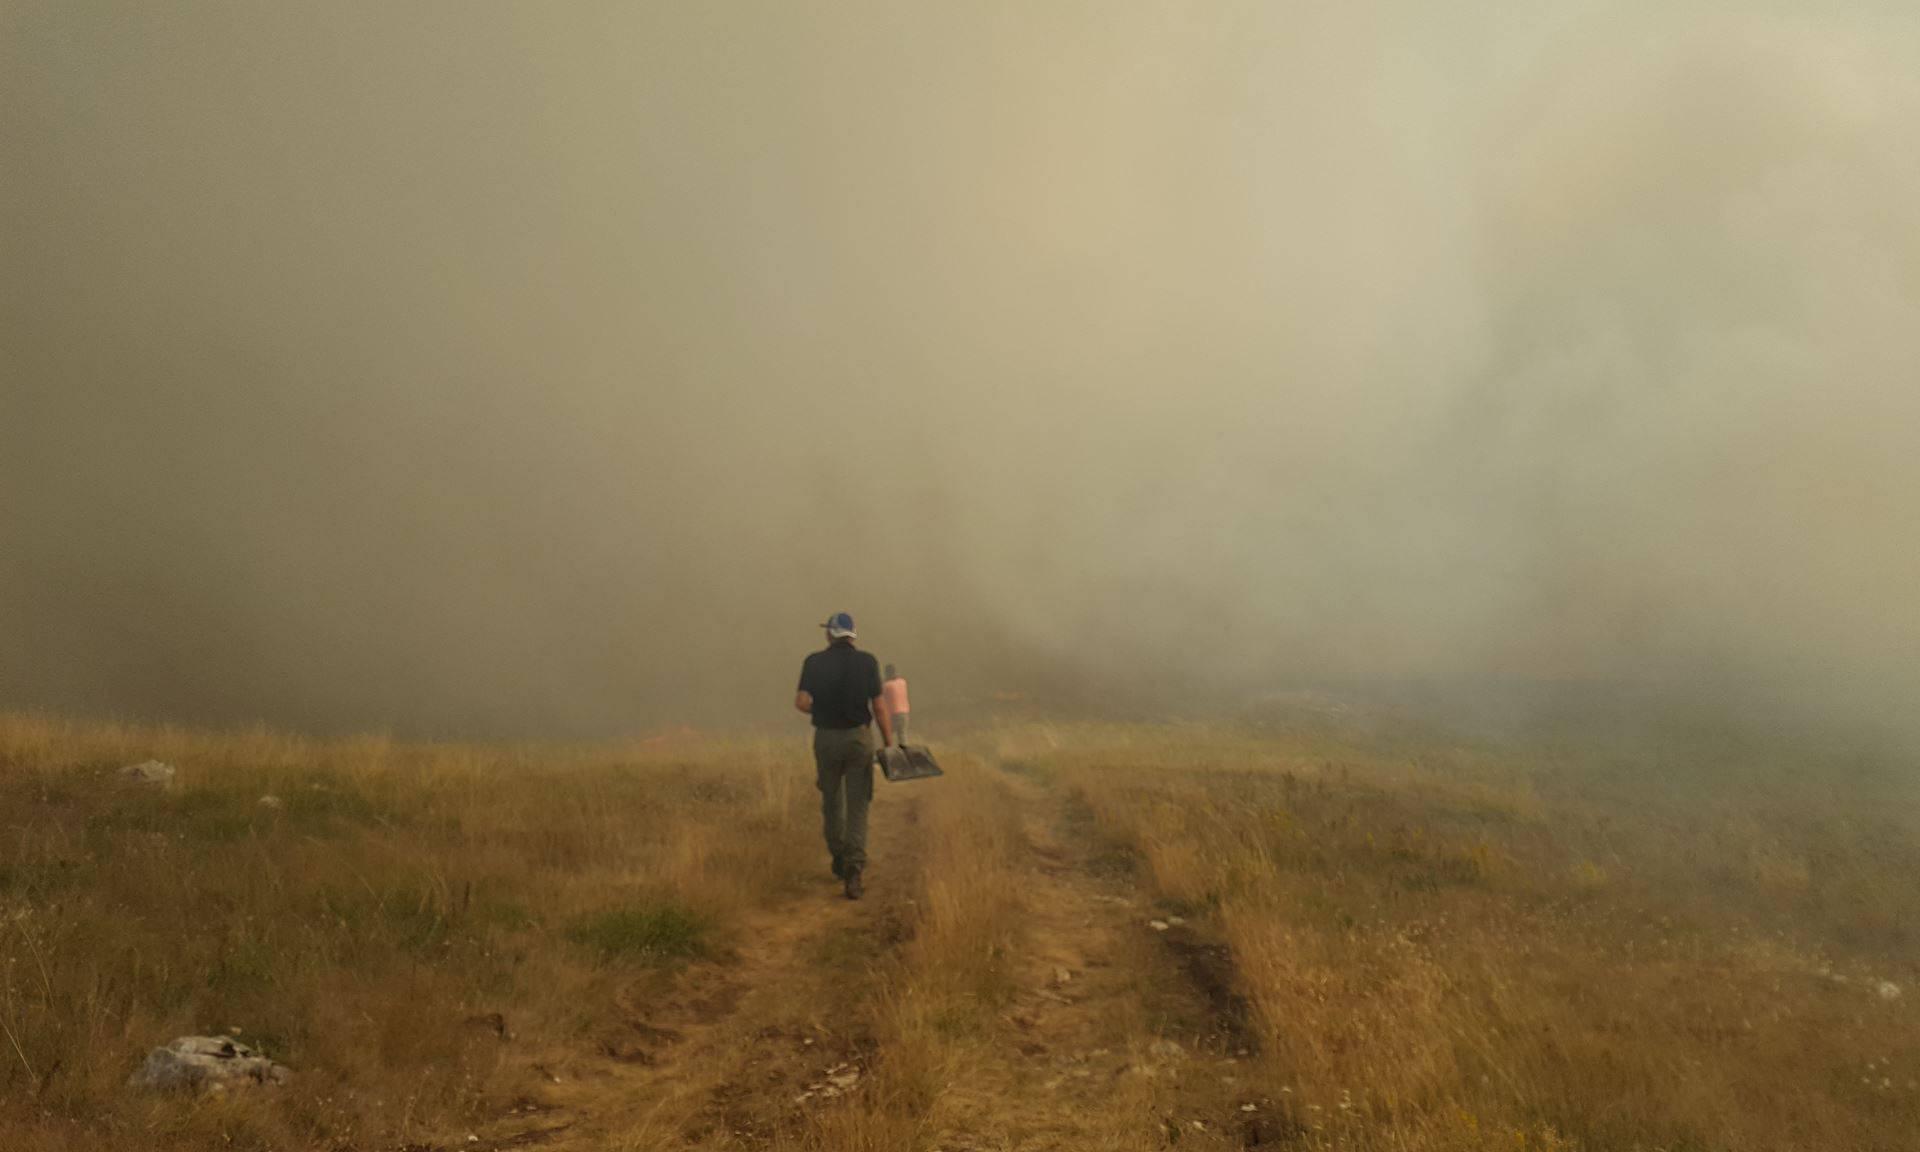 Božić: Gori na Dinari, požar je možda i veći od onog splitskog